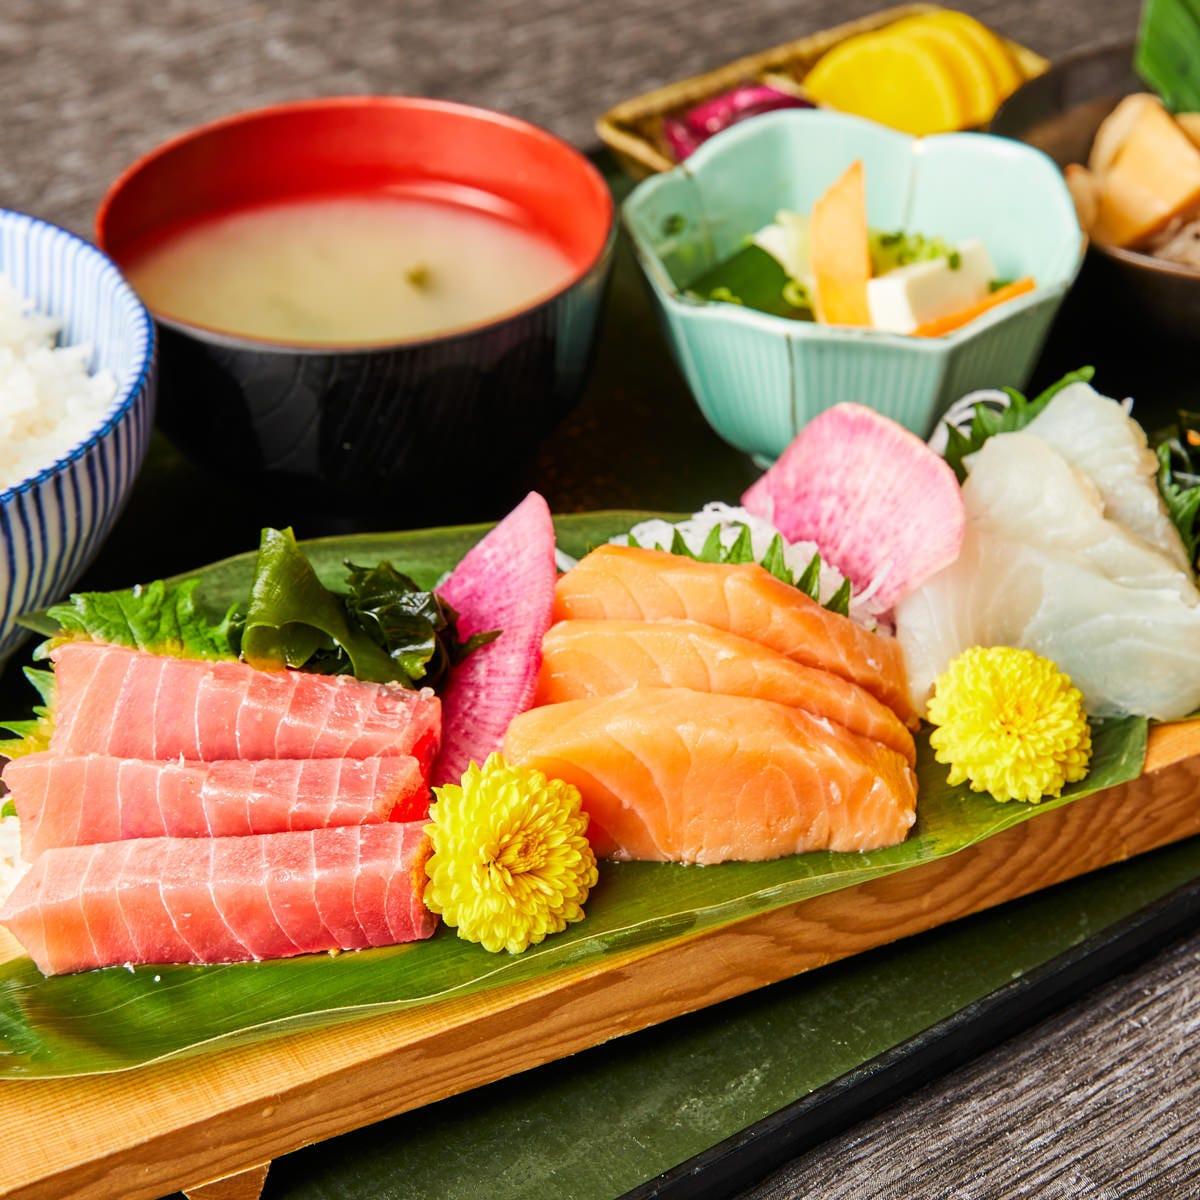 ゑびす鯛のランチ始めました♪刺身やお肉、揚物などが味わえます